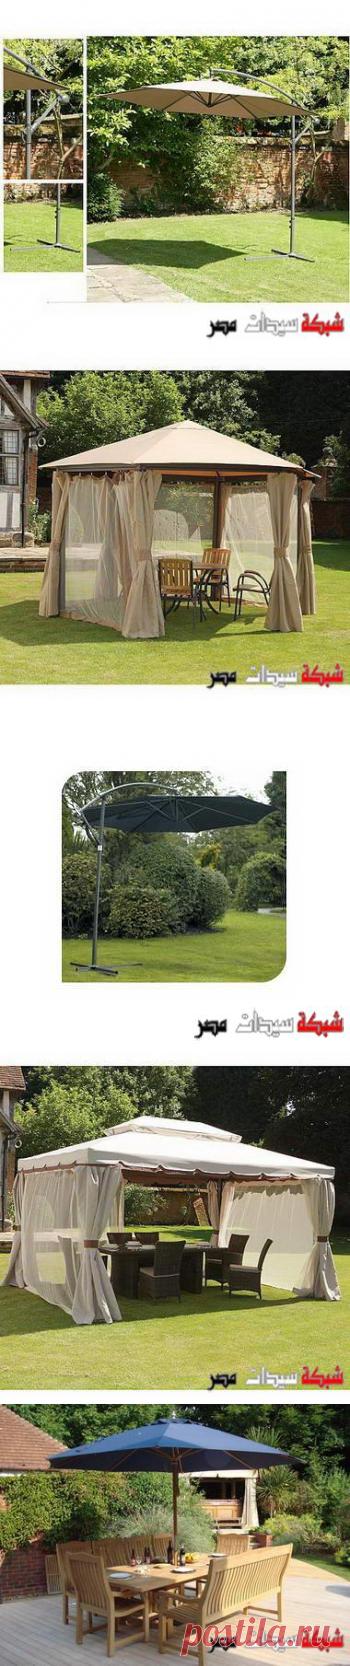 مظلات خارجية - ديكورات حدائق 2020